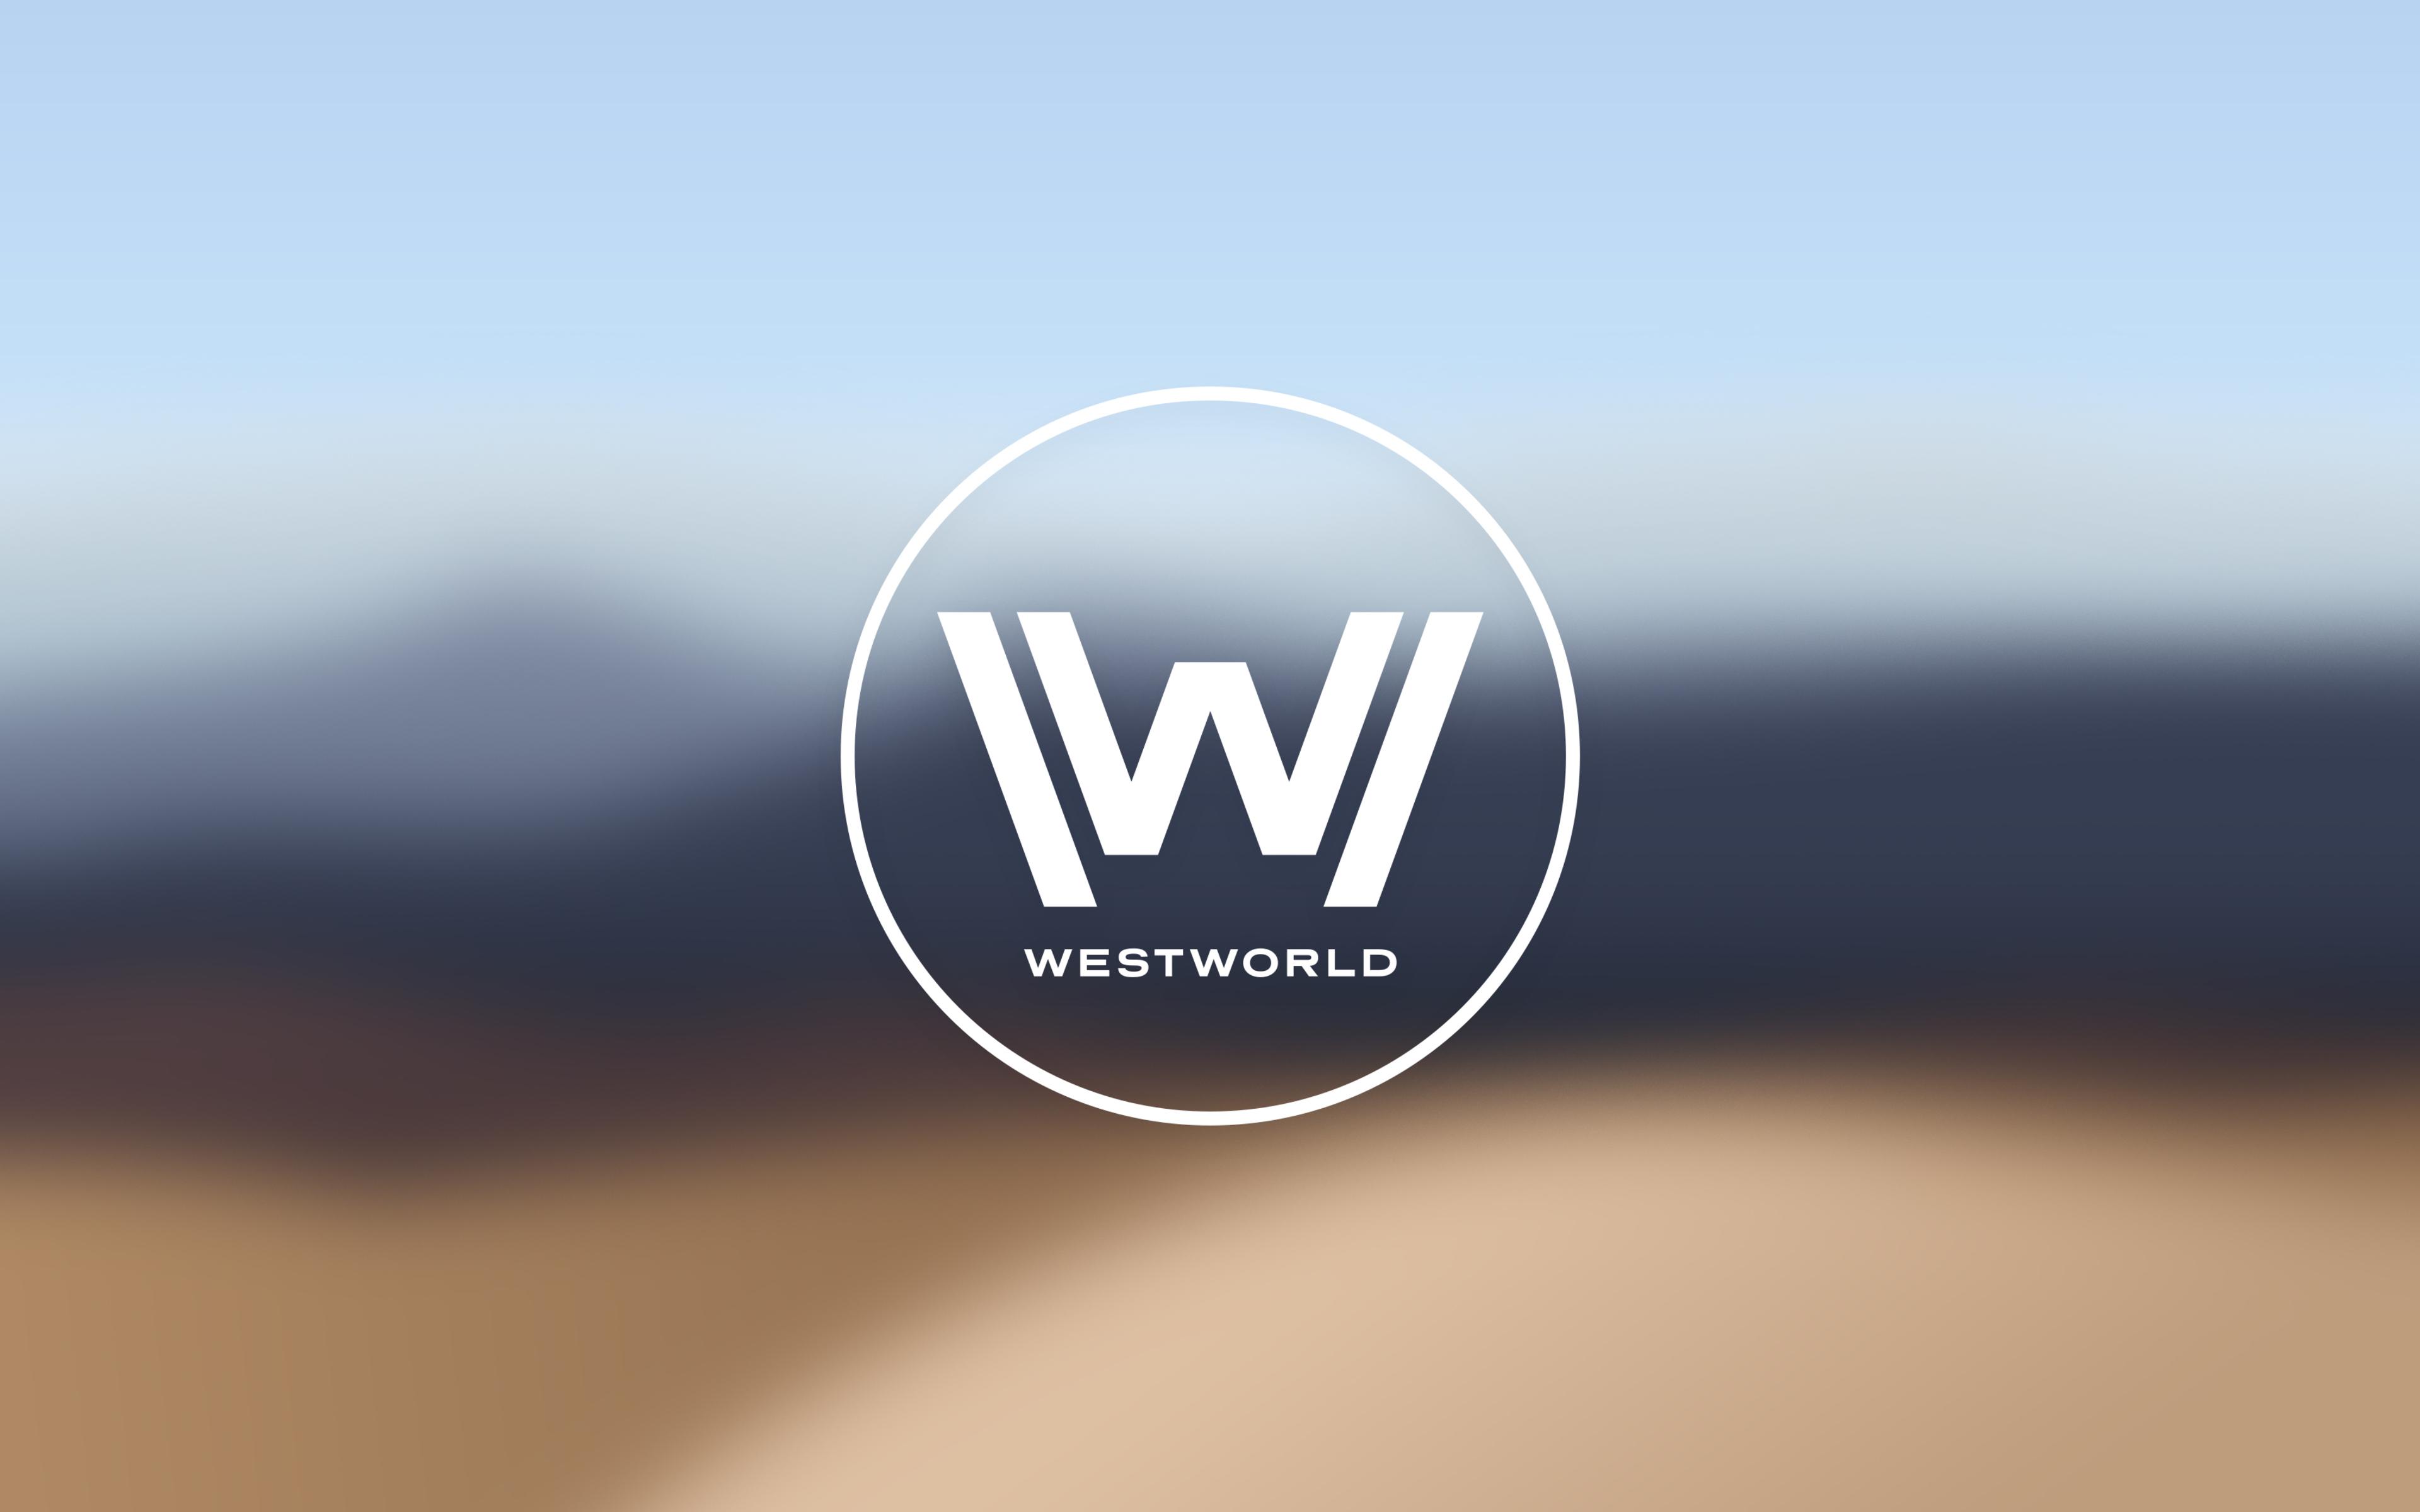 westworld-logo-4k-nj.jpg